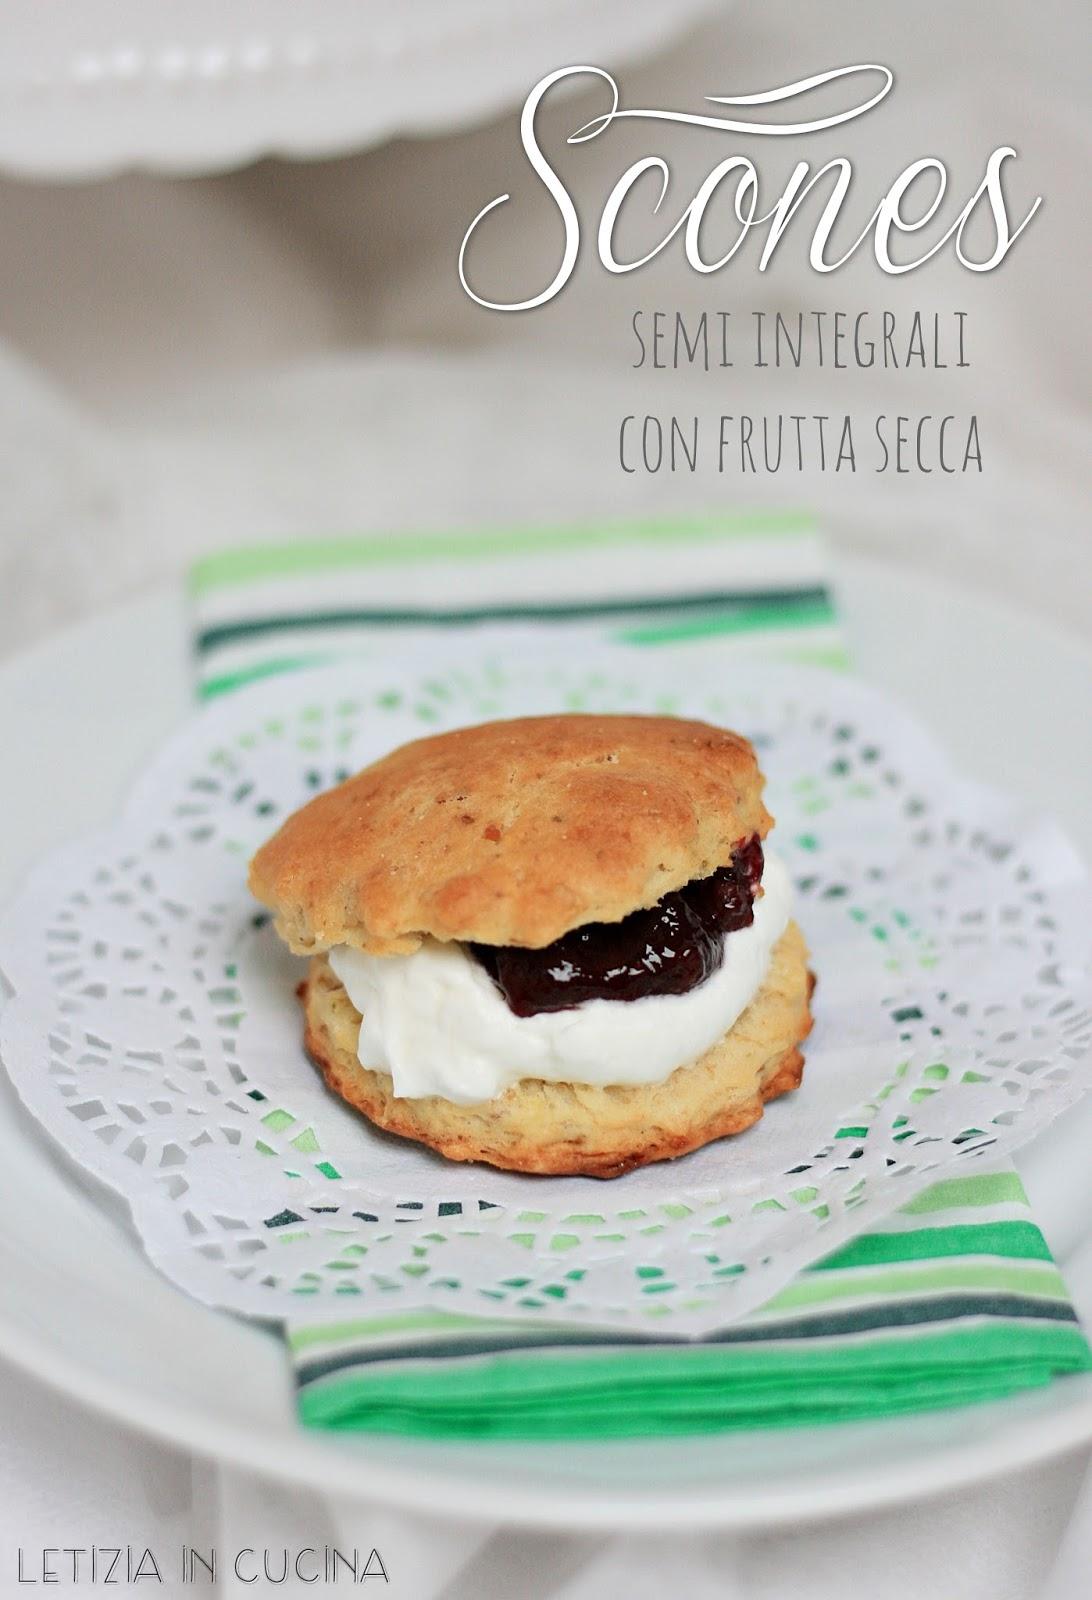 Letizia in Cucina: Scones semi integrali con frutta secca - Contest ...